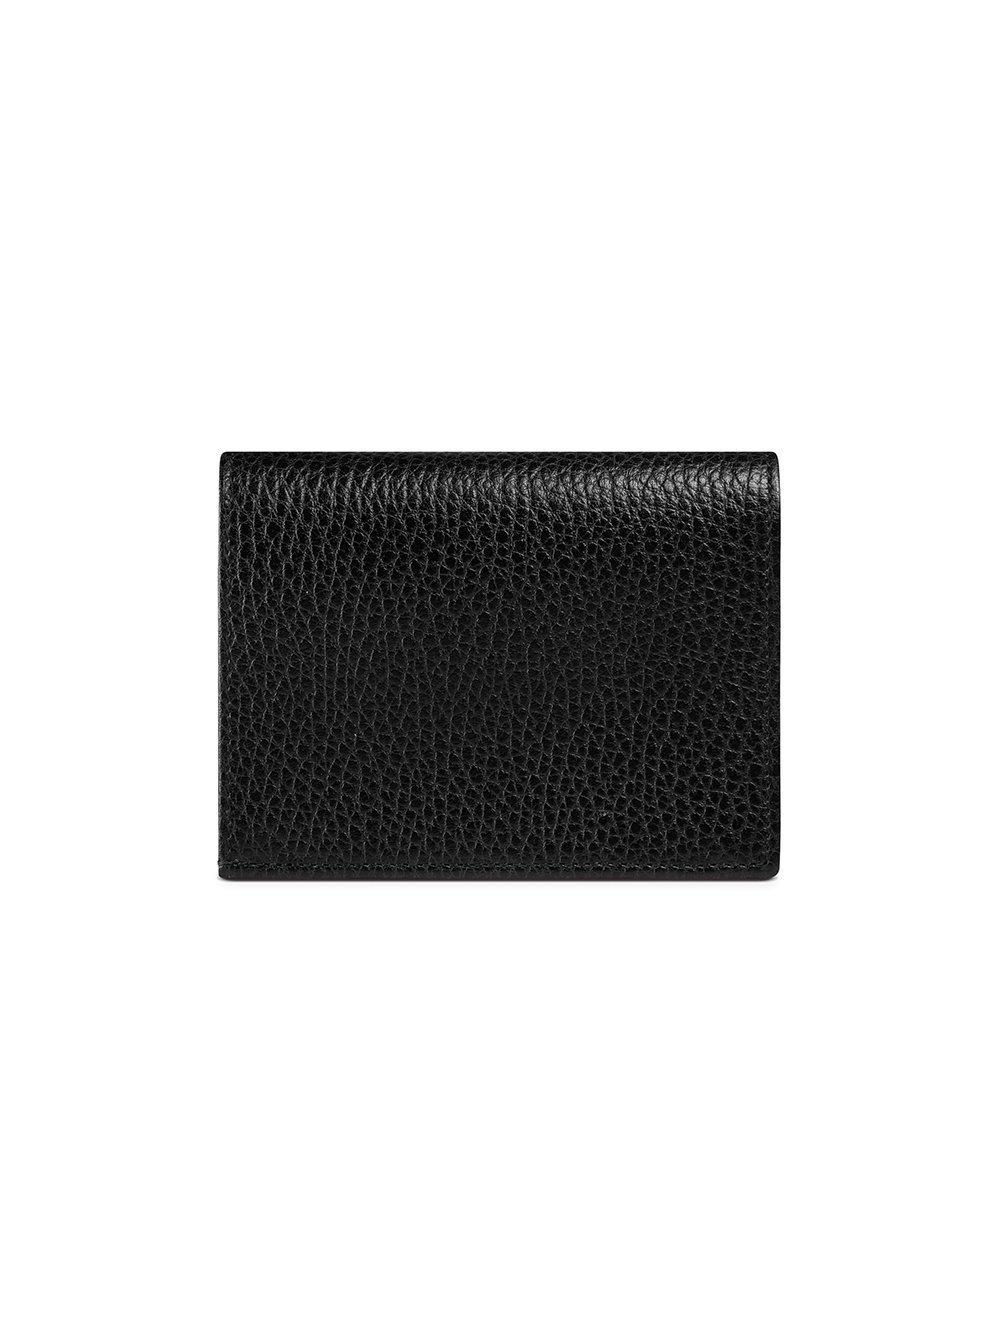 15d51e8e48d Lyst - Gucci Portacarte In Pelle in Black